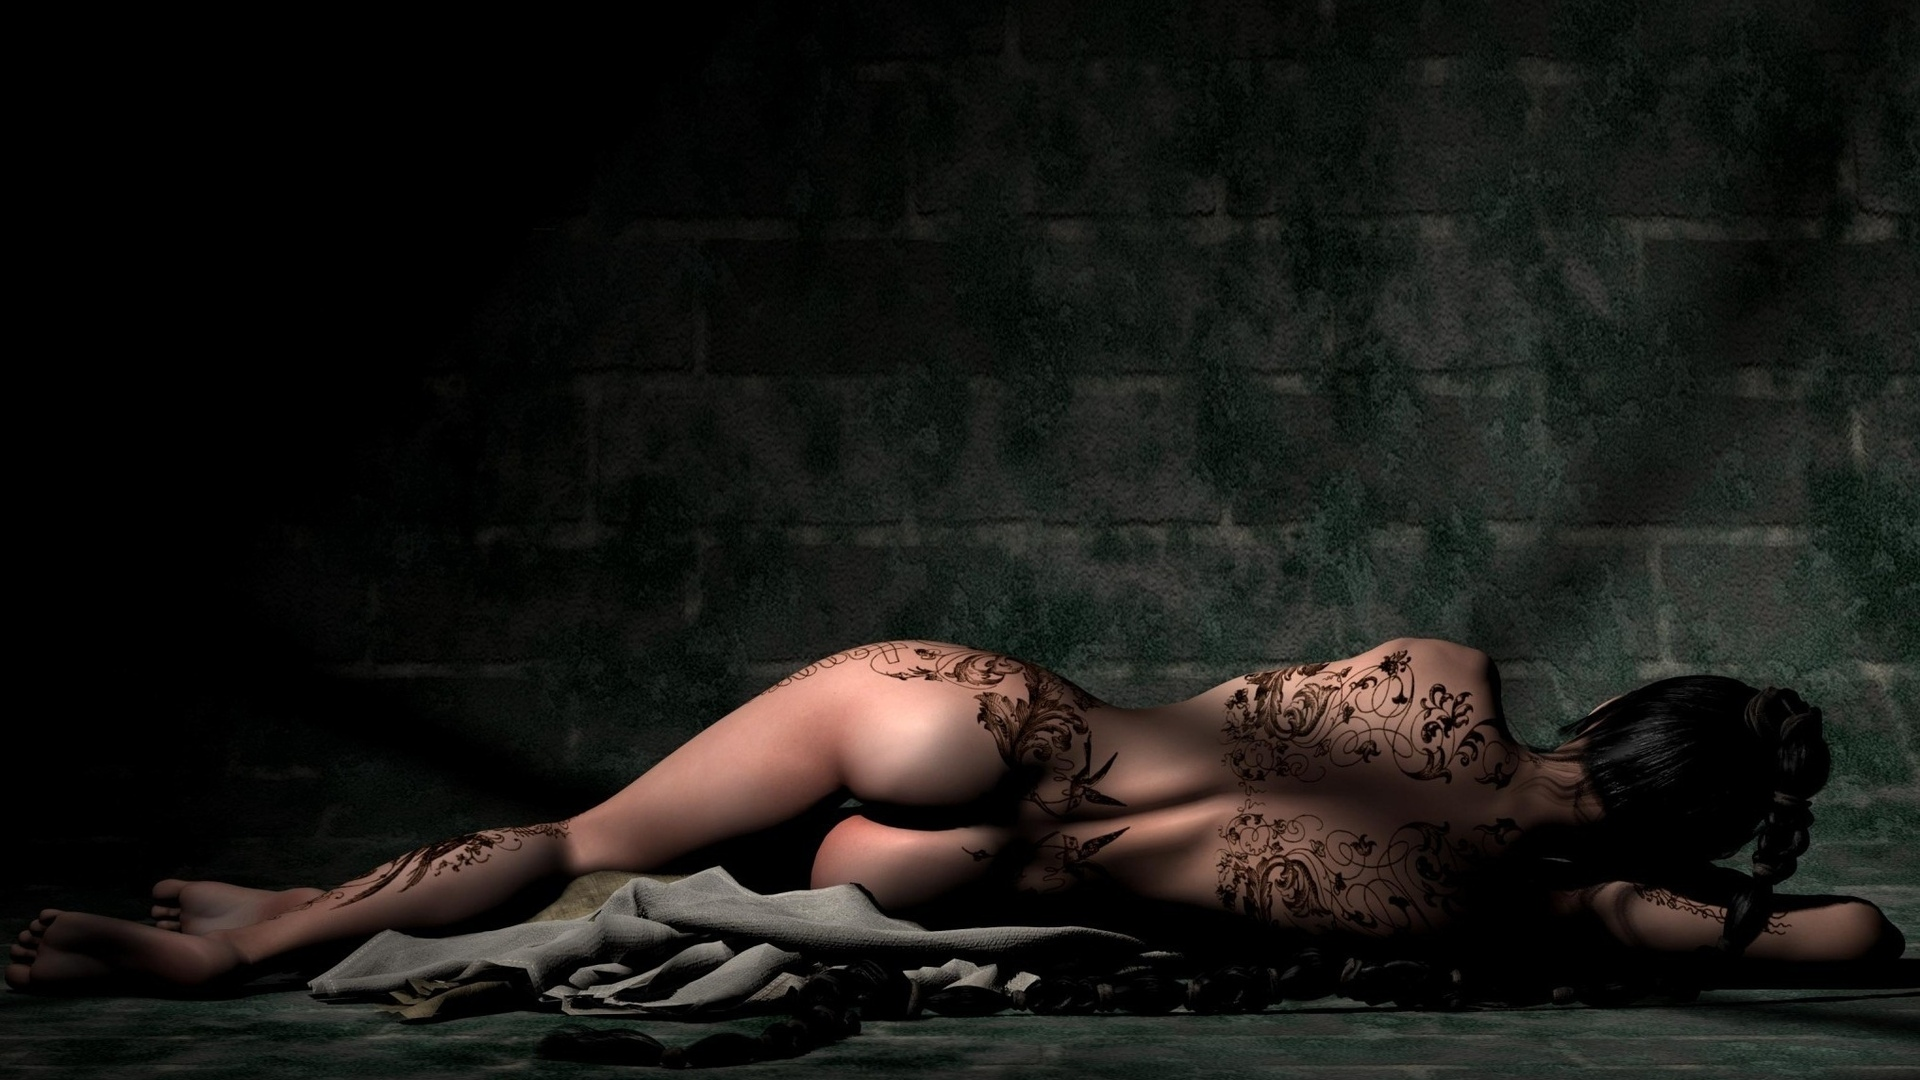 Фільми смотреть онлайн бесплатно еротичні садо мазо 20 фотография